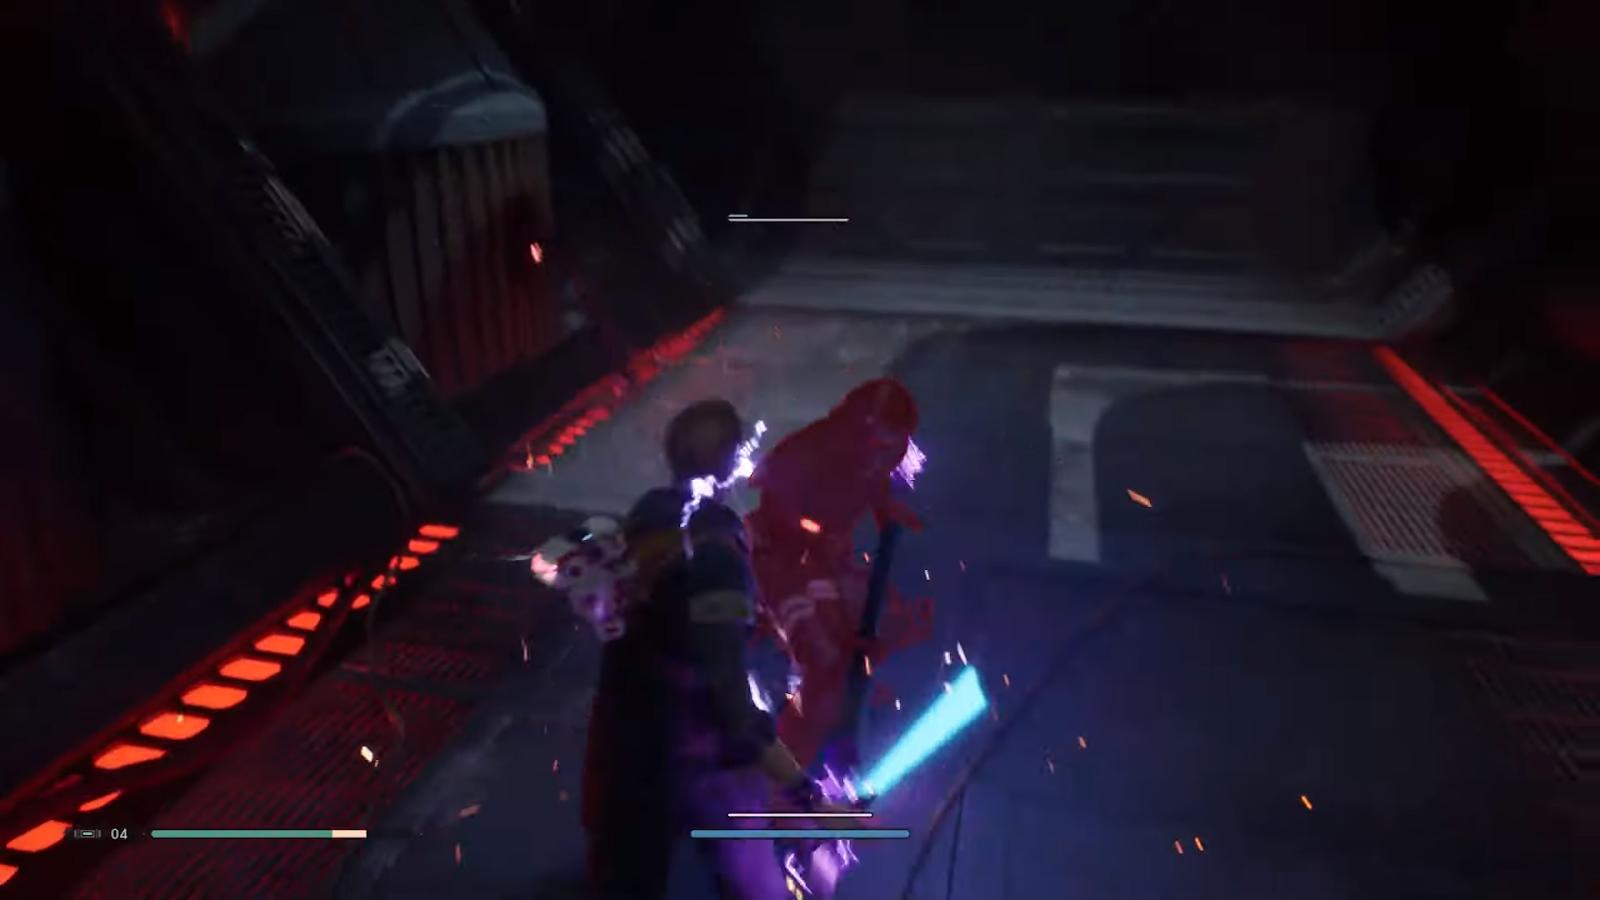 50 Star Wars Jedi: Fallen Order Gameplay Details - IGN